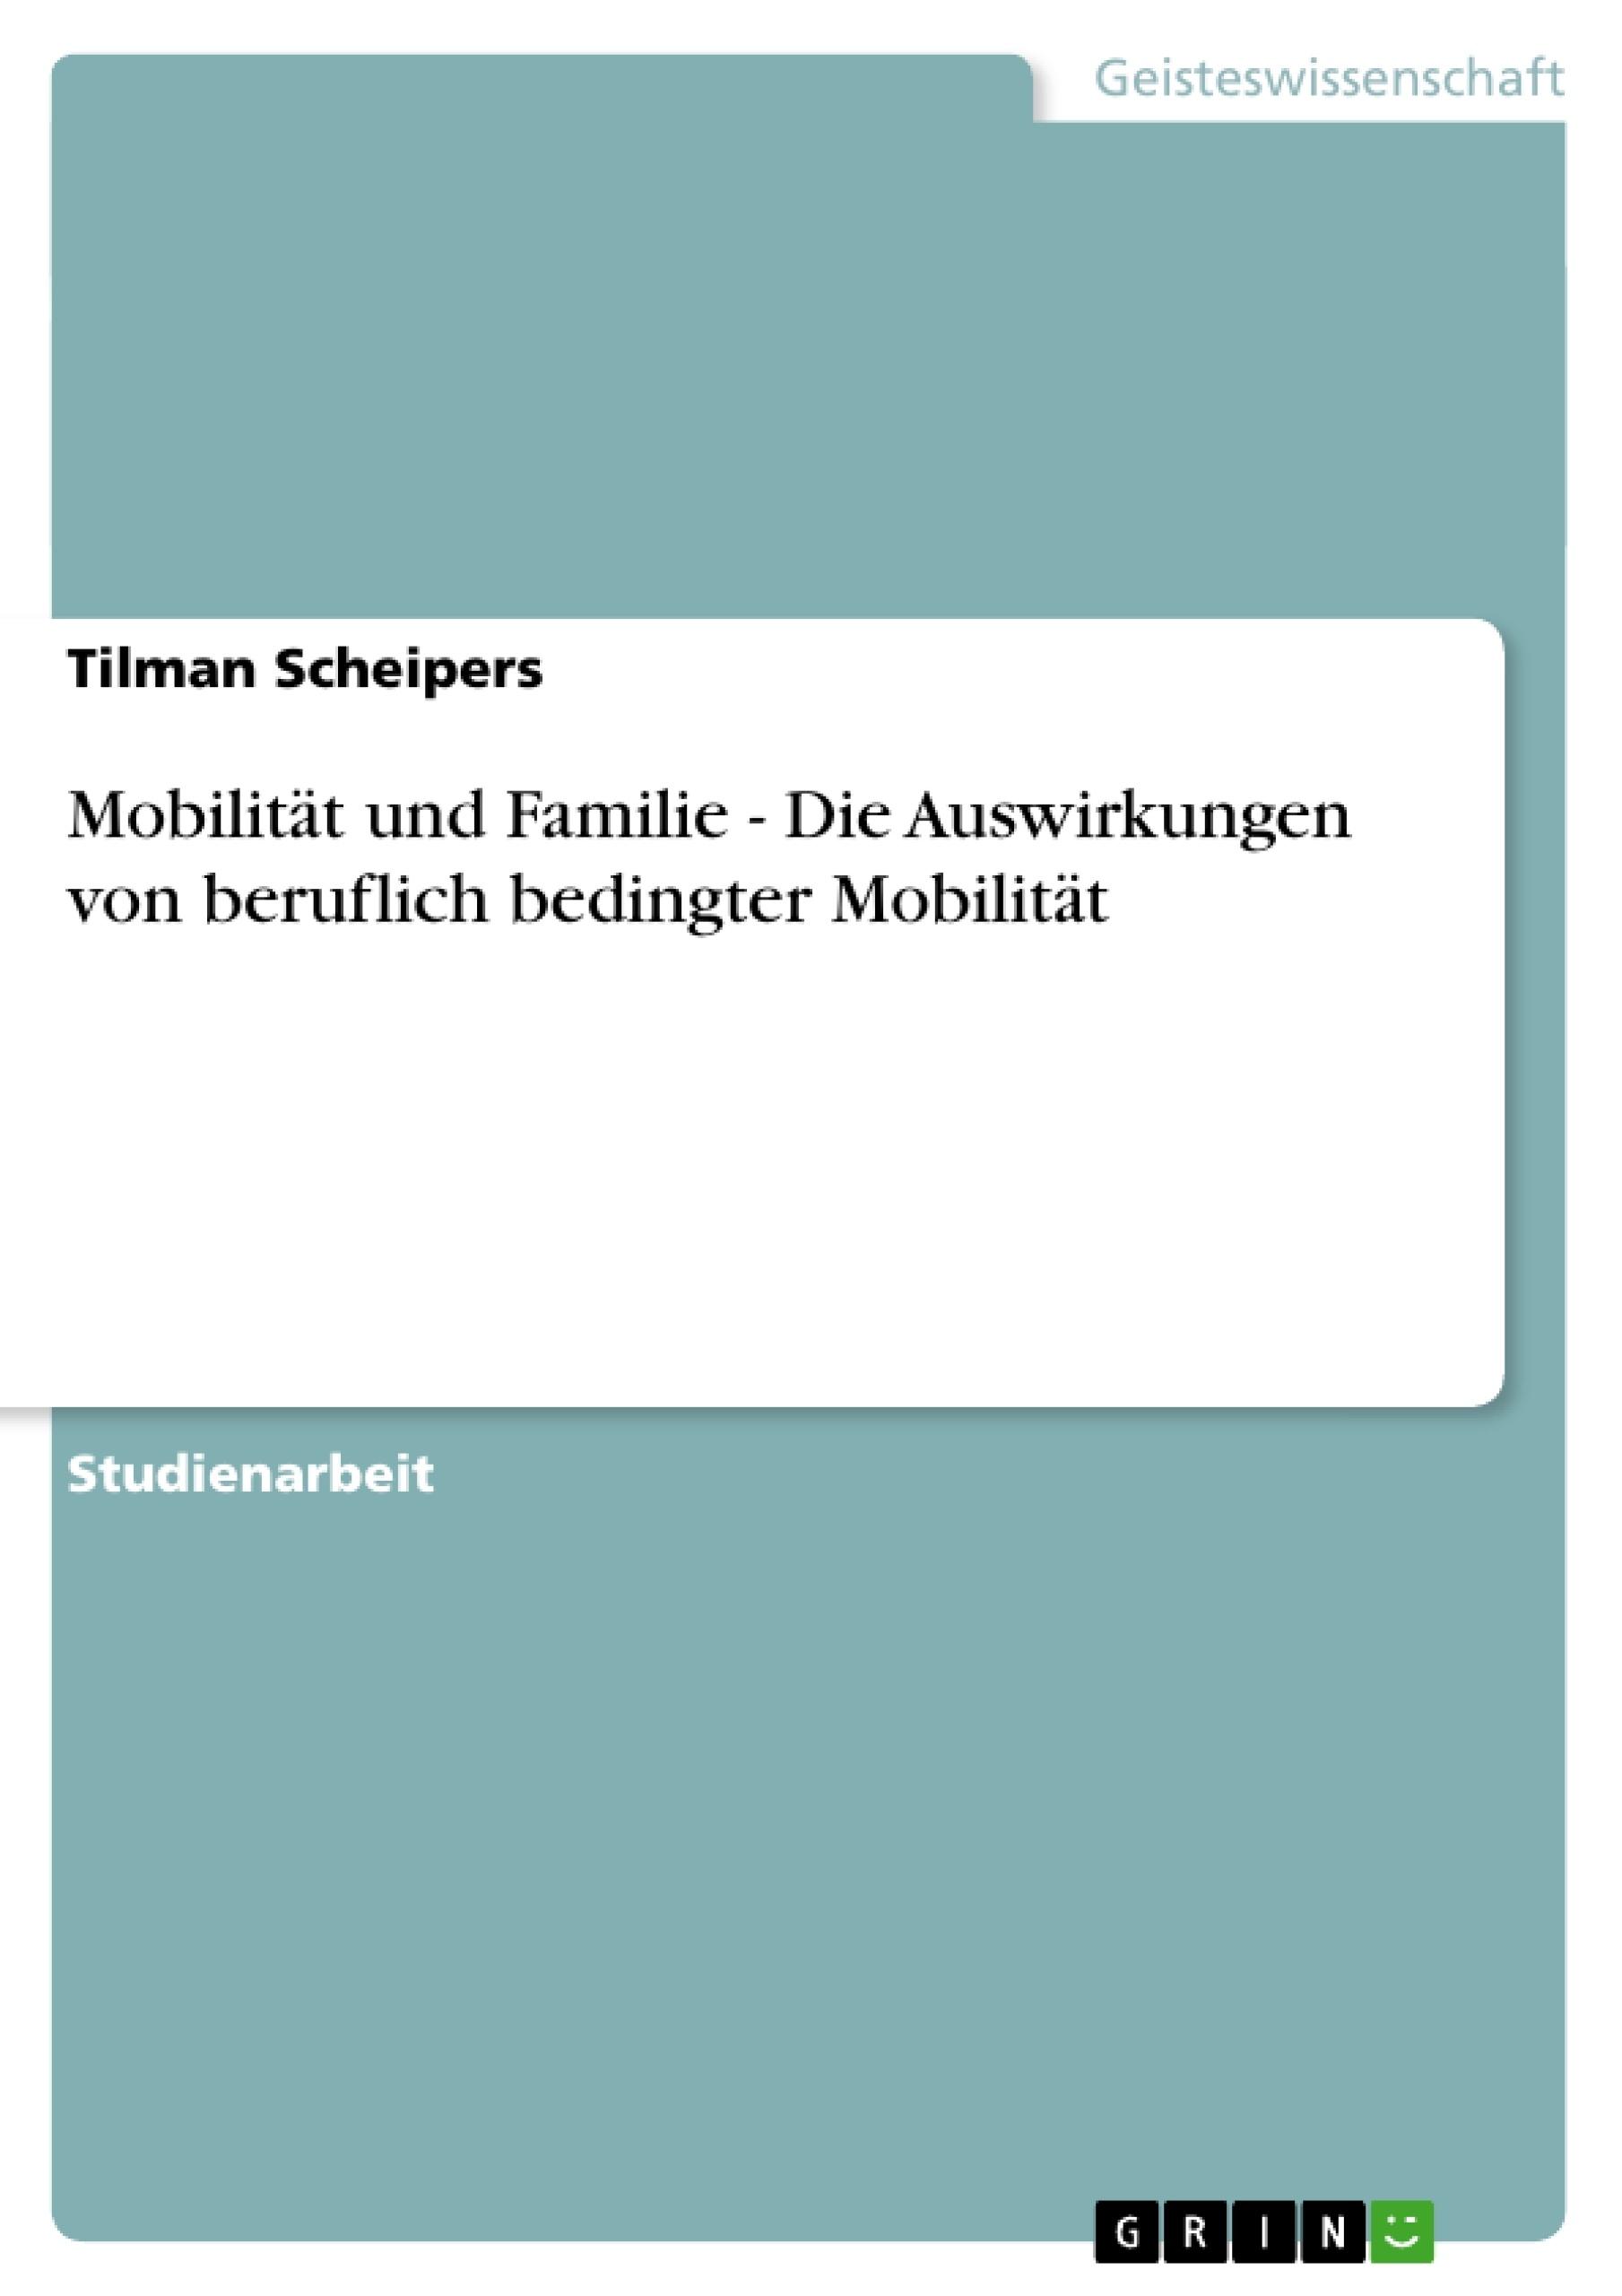 Titel: Mobilität und Familie  -  Die Auswirkungen von beruflich bedingter Mobilität